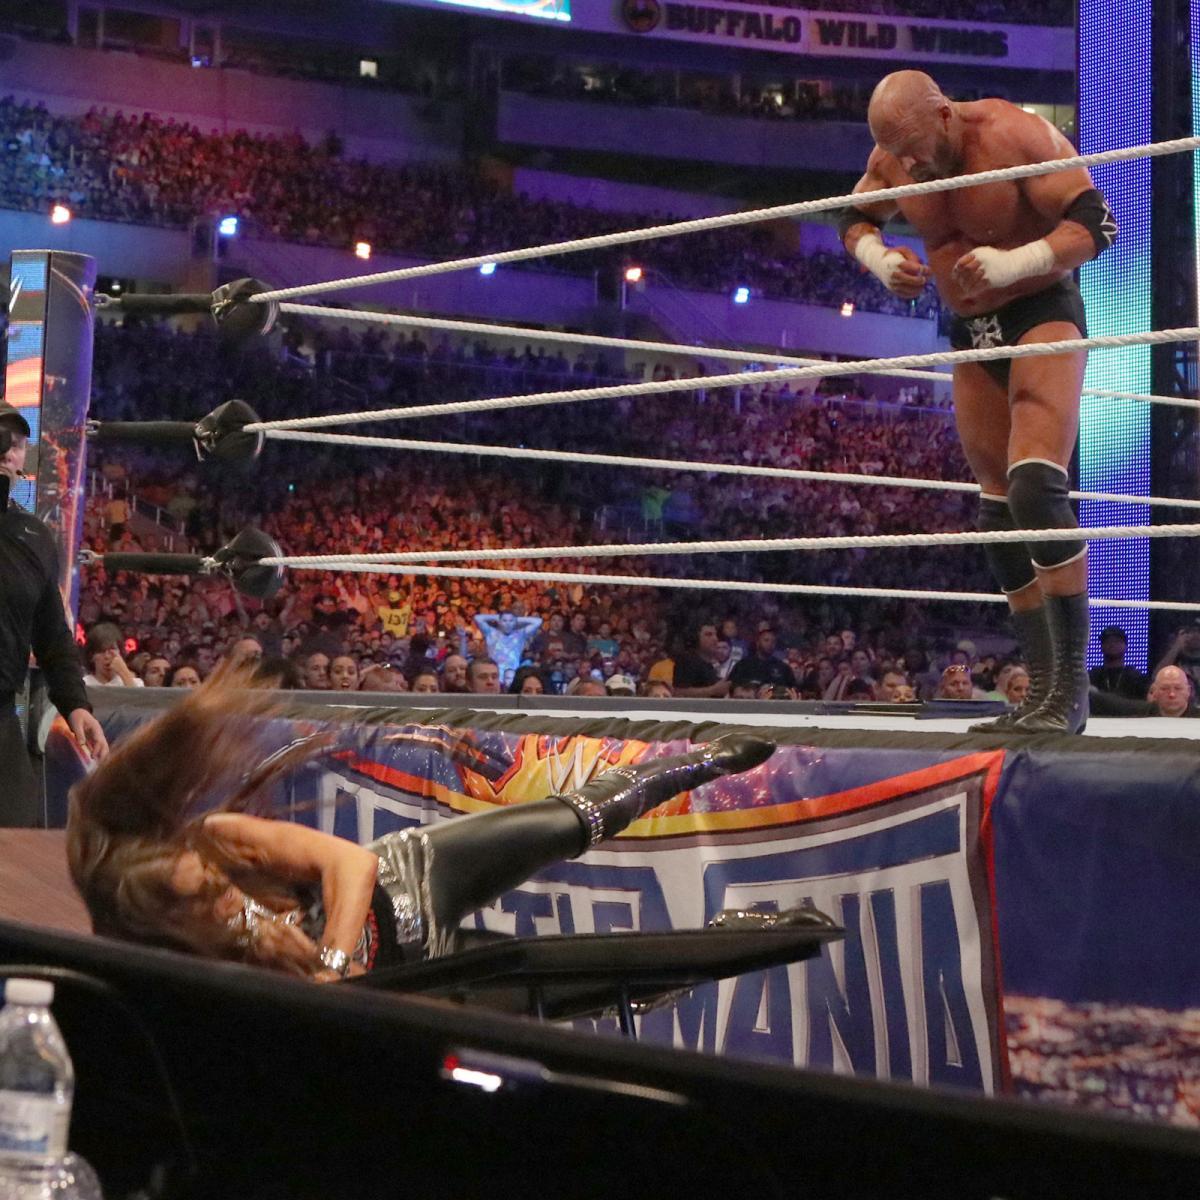 Image via WWE.com